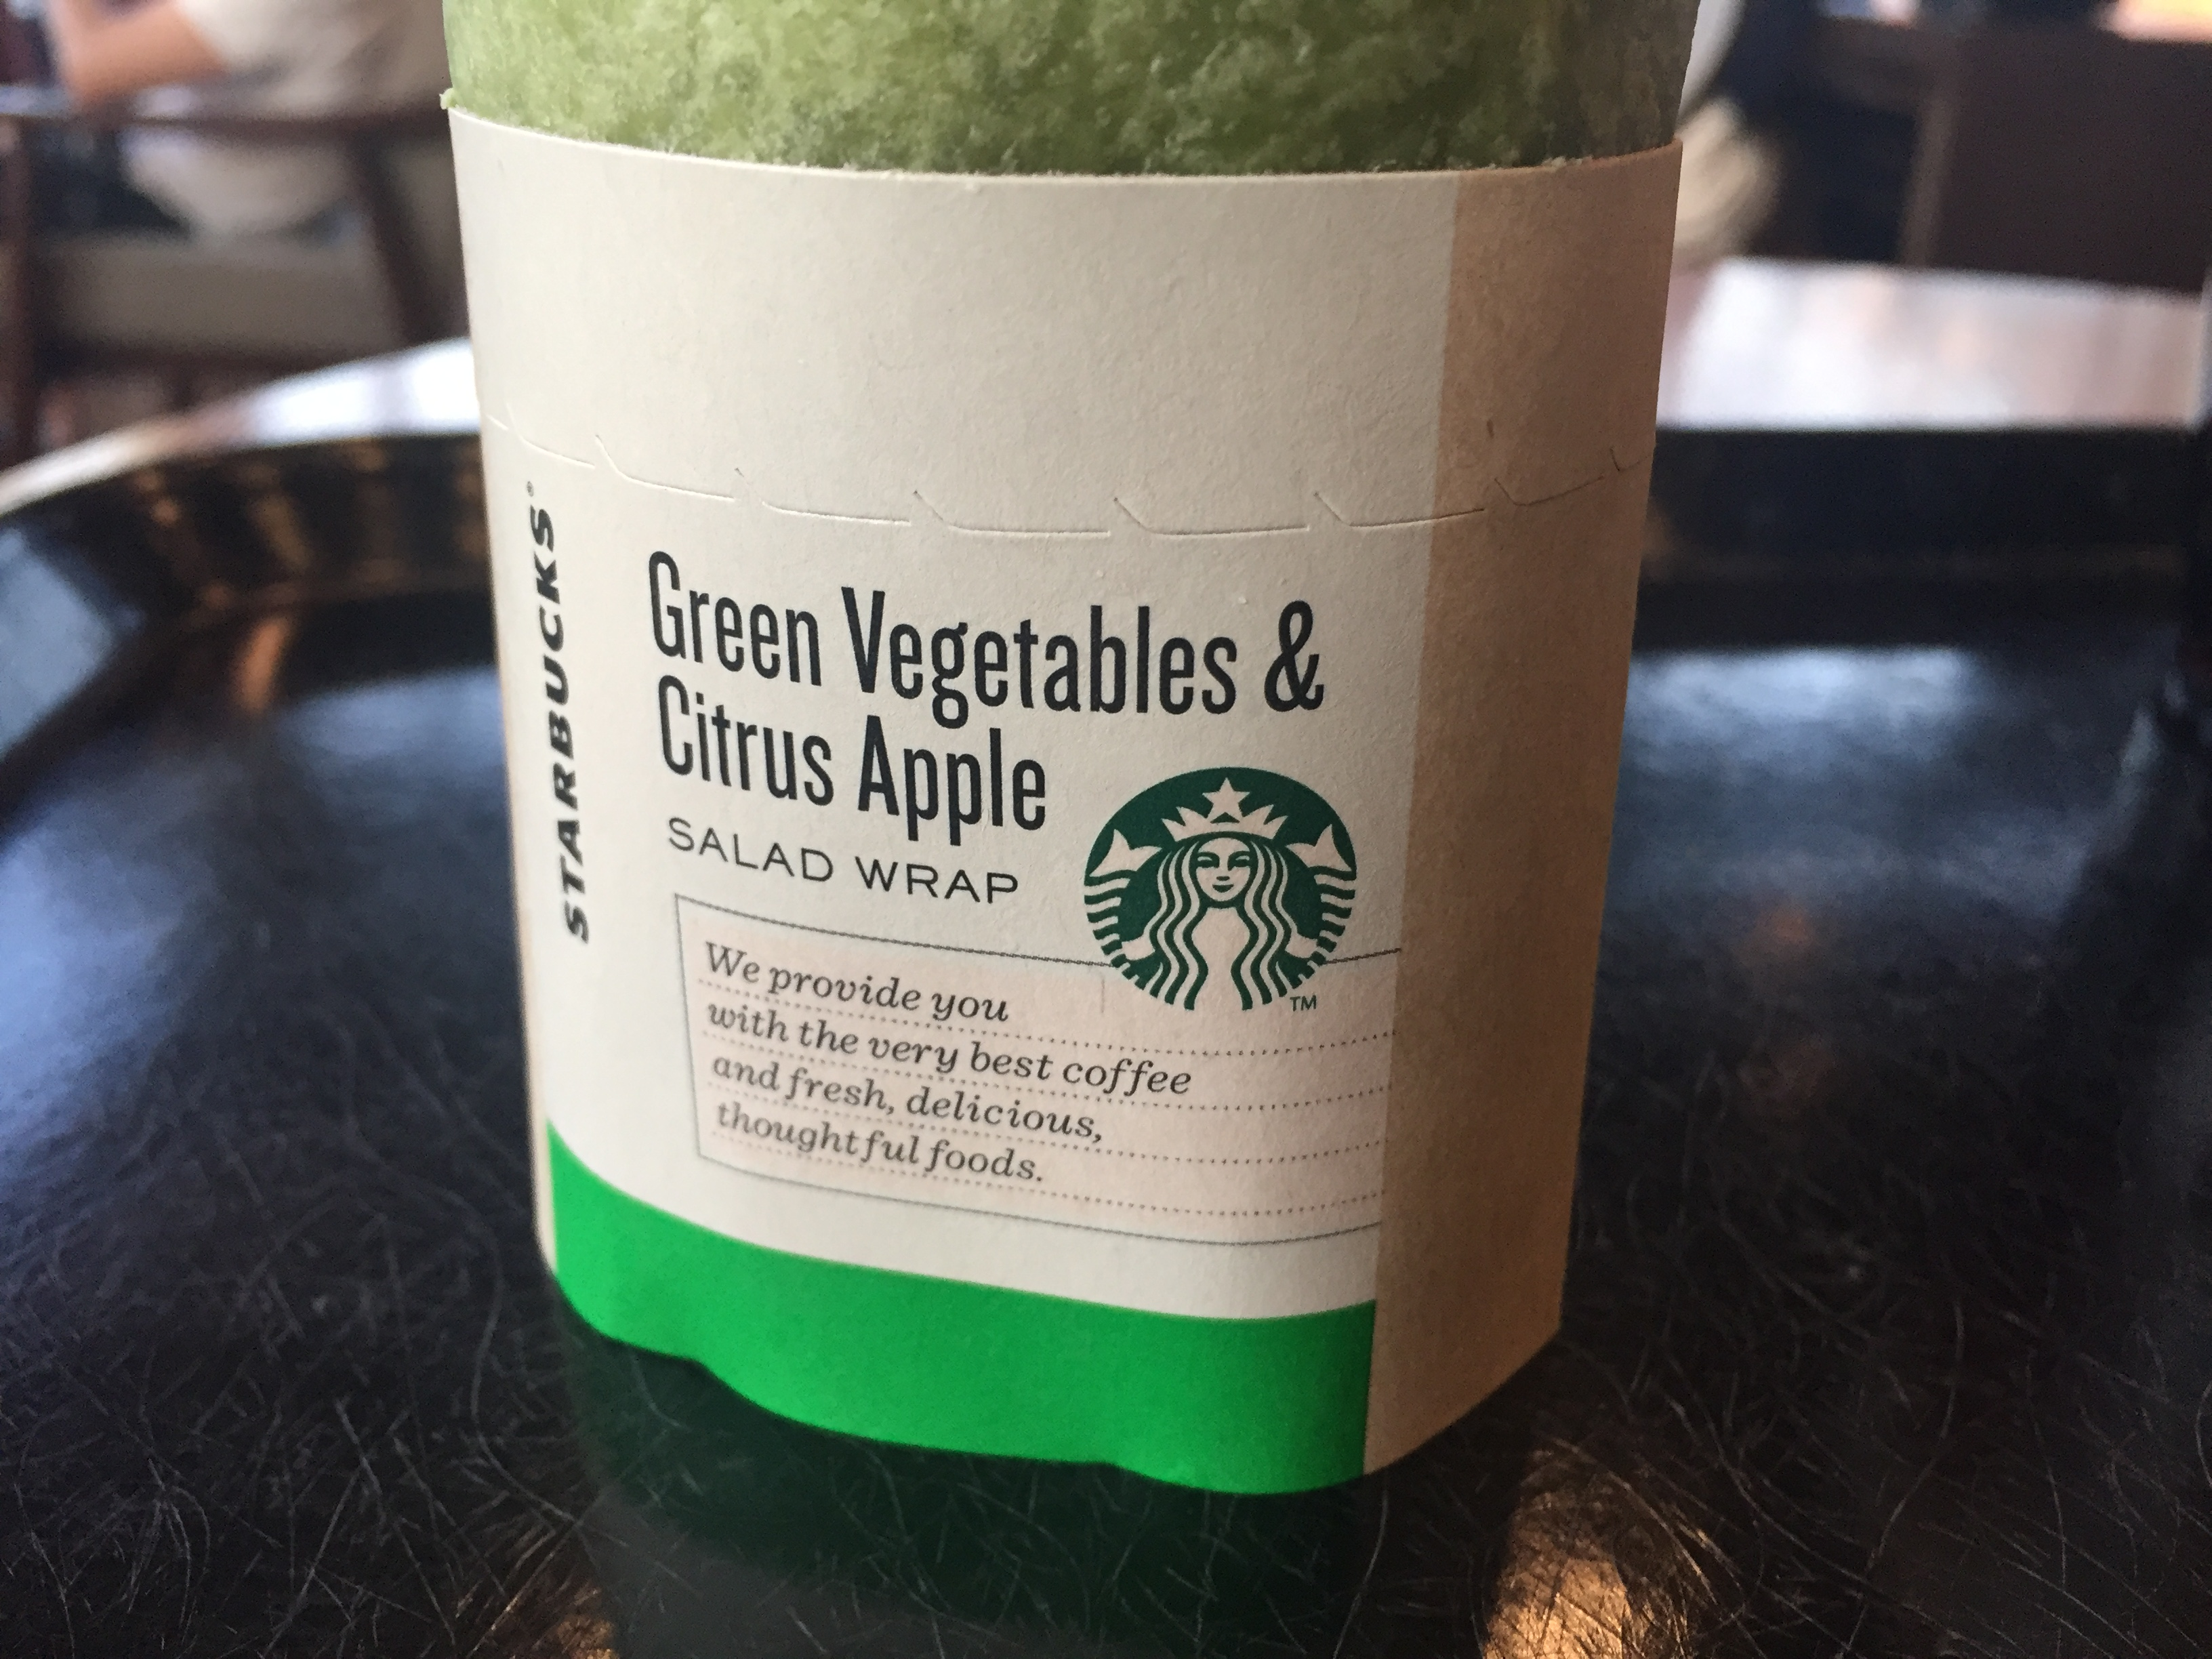 サラダラップ グリーンベジタブル&シトラスアップル